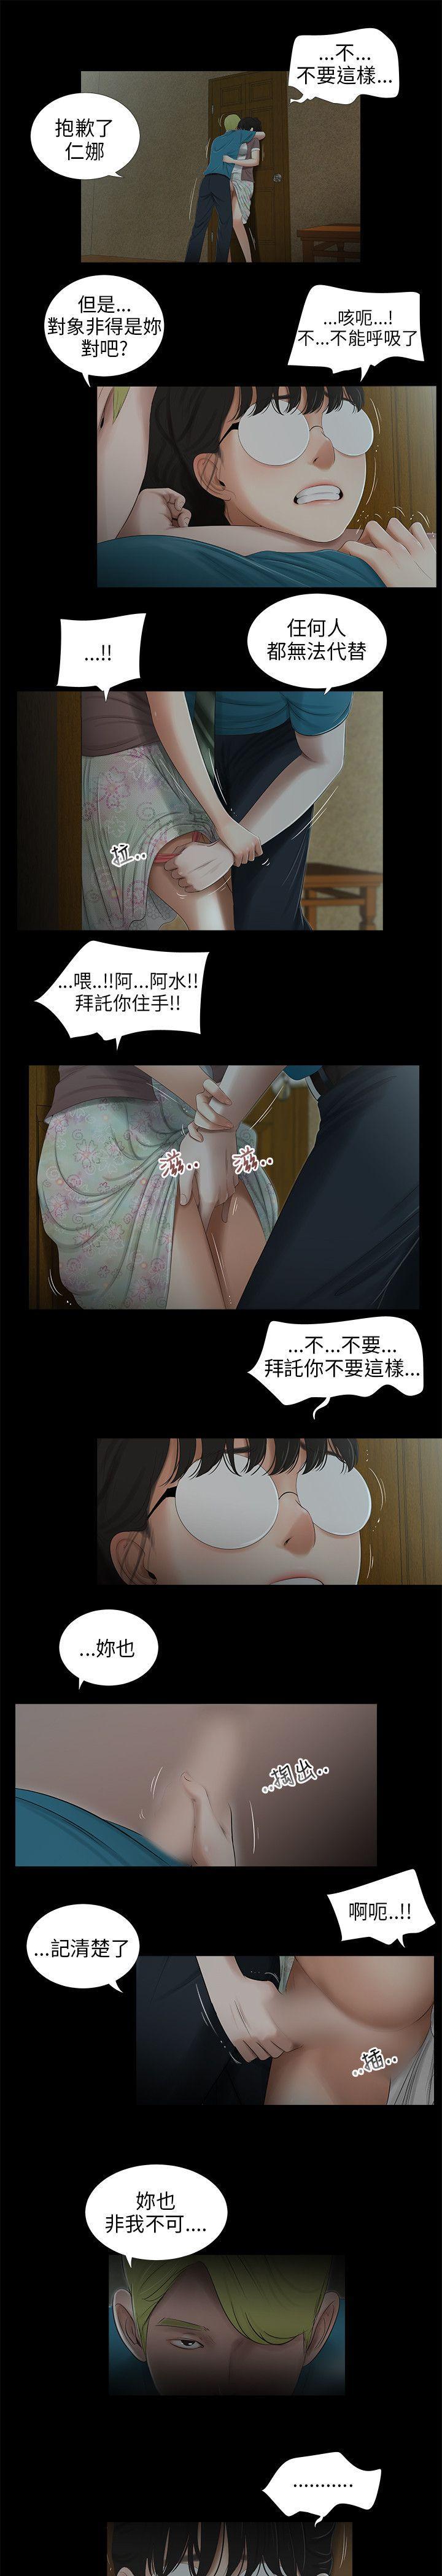 三姐妹 47-50 Chinese 18